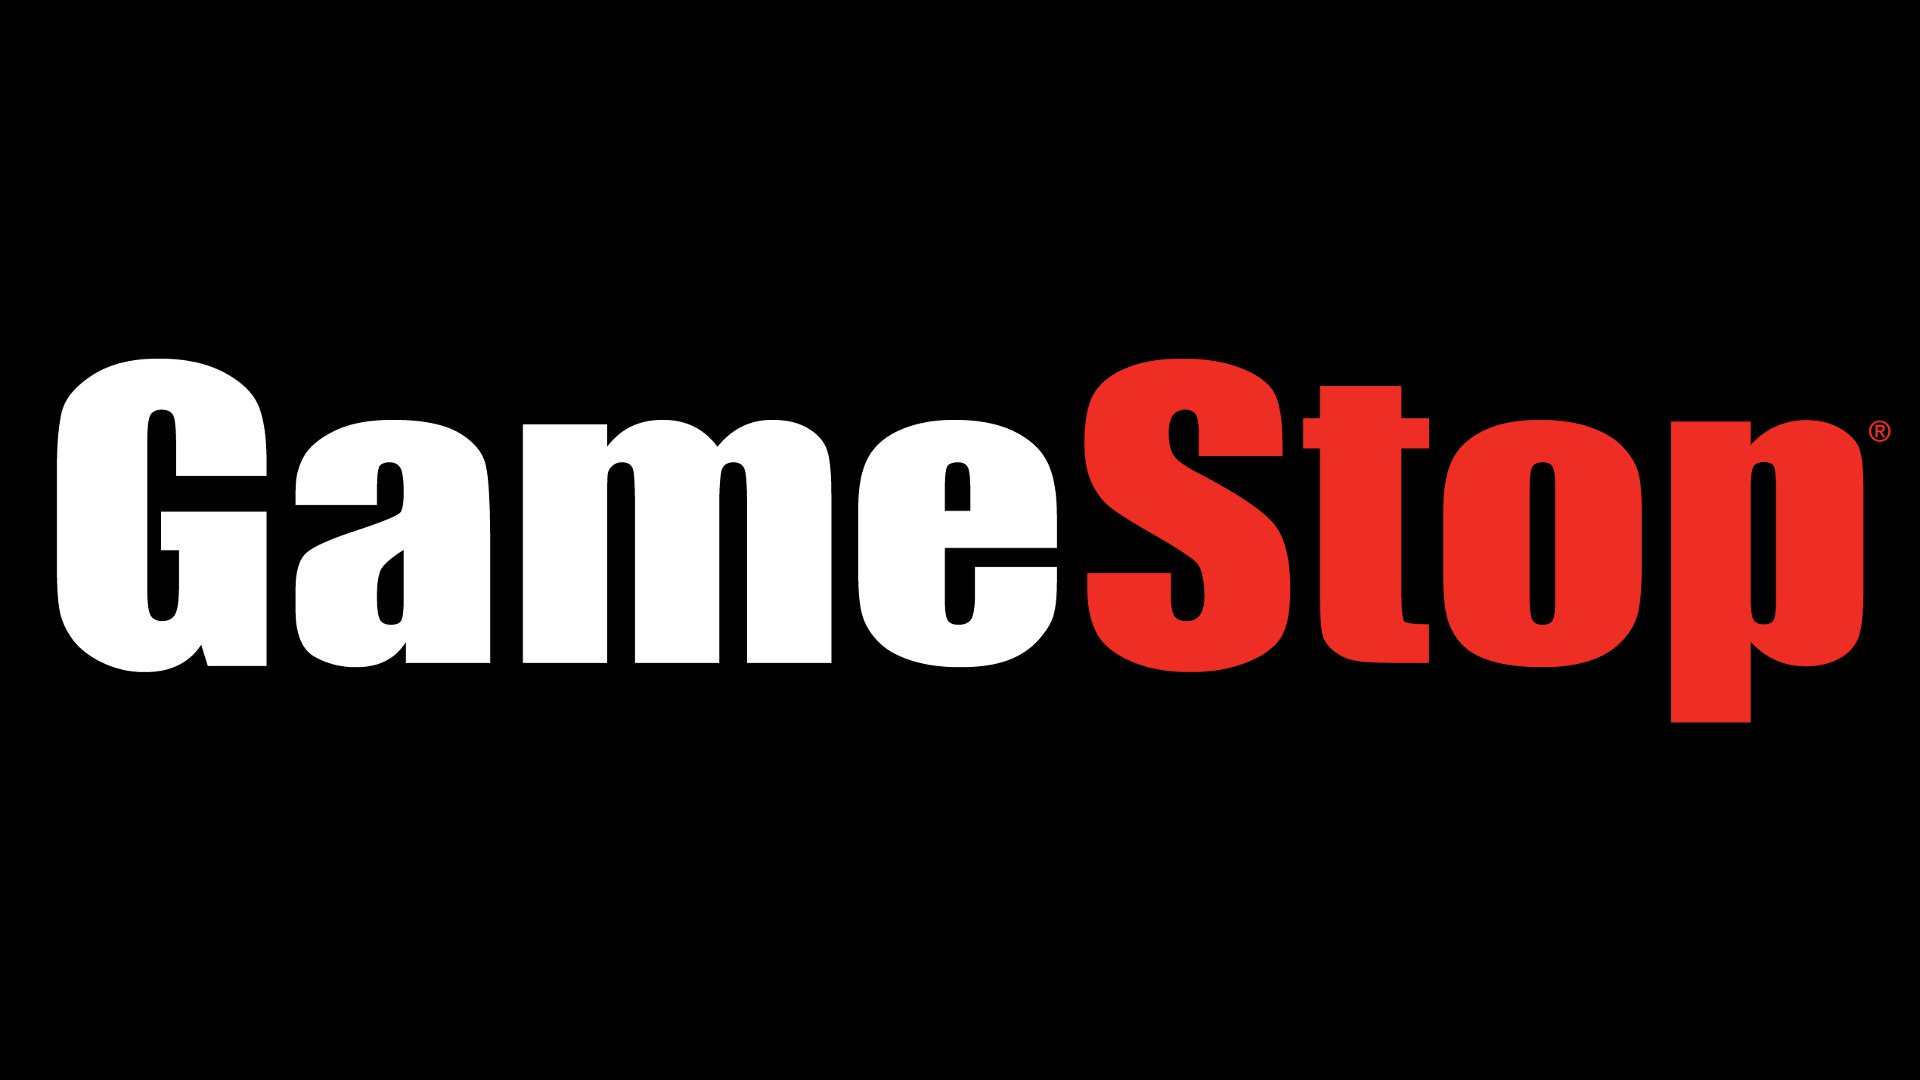 GameStop cerrará todas las tiendas, a partir del 22 de marzo, debido a la pandemia del virus coronario (COVID)19